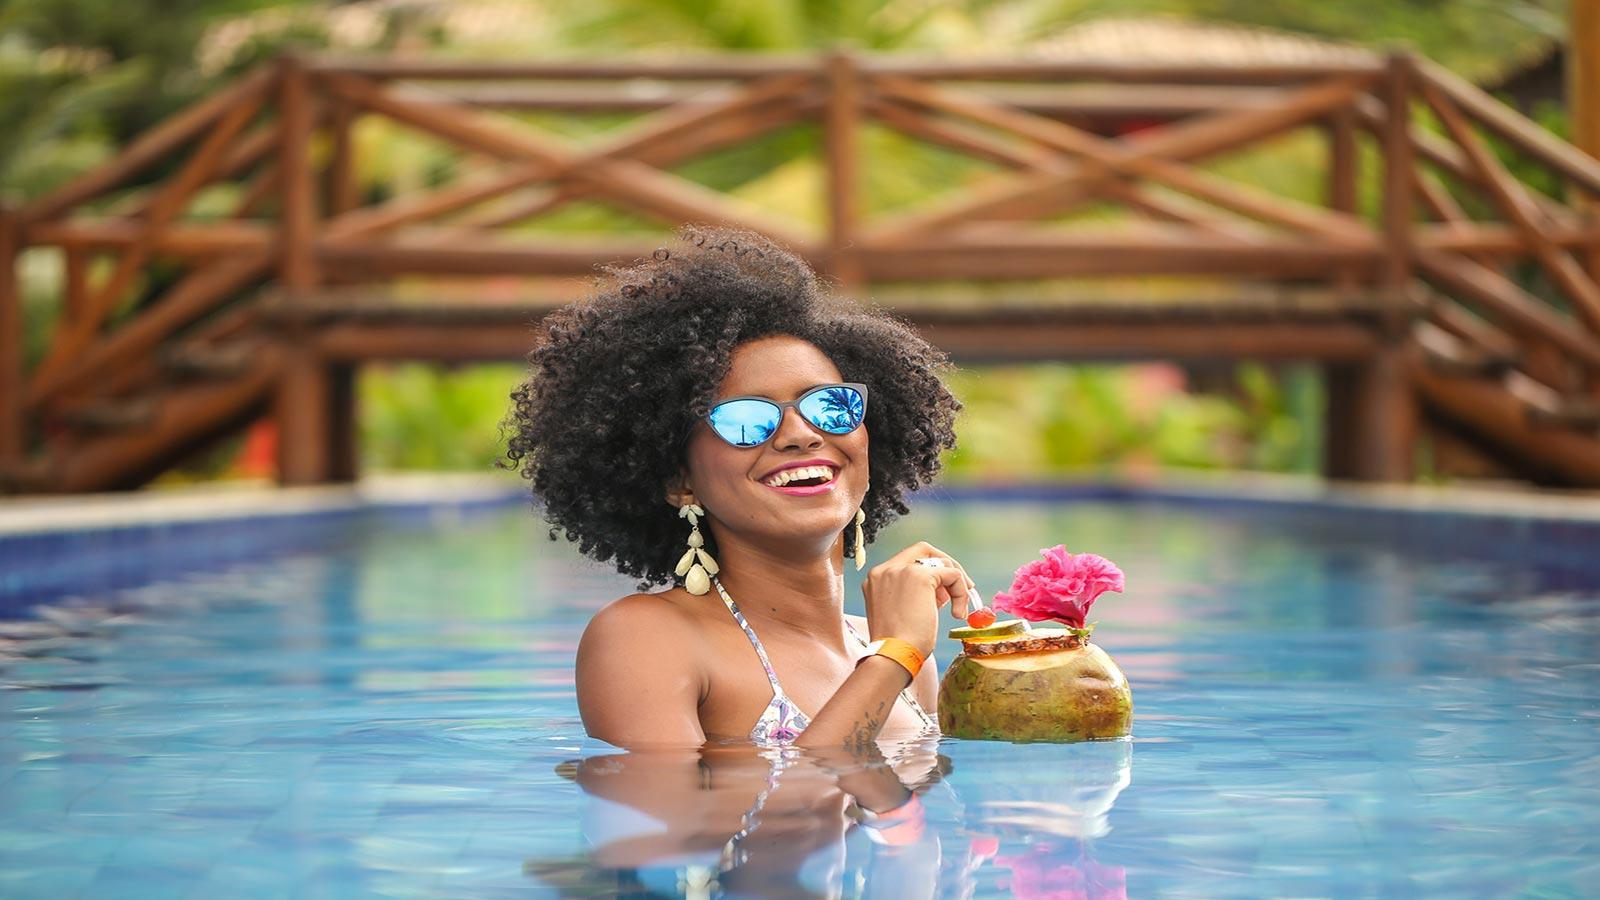 Ecoporan Hotel melhor hotel em Itacaré Bahia 108